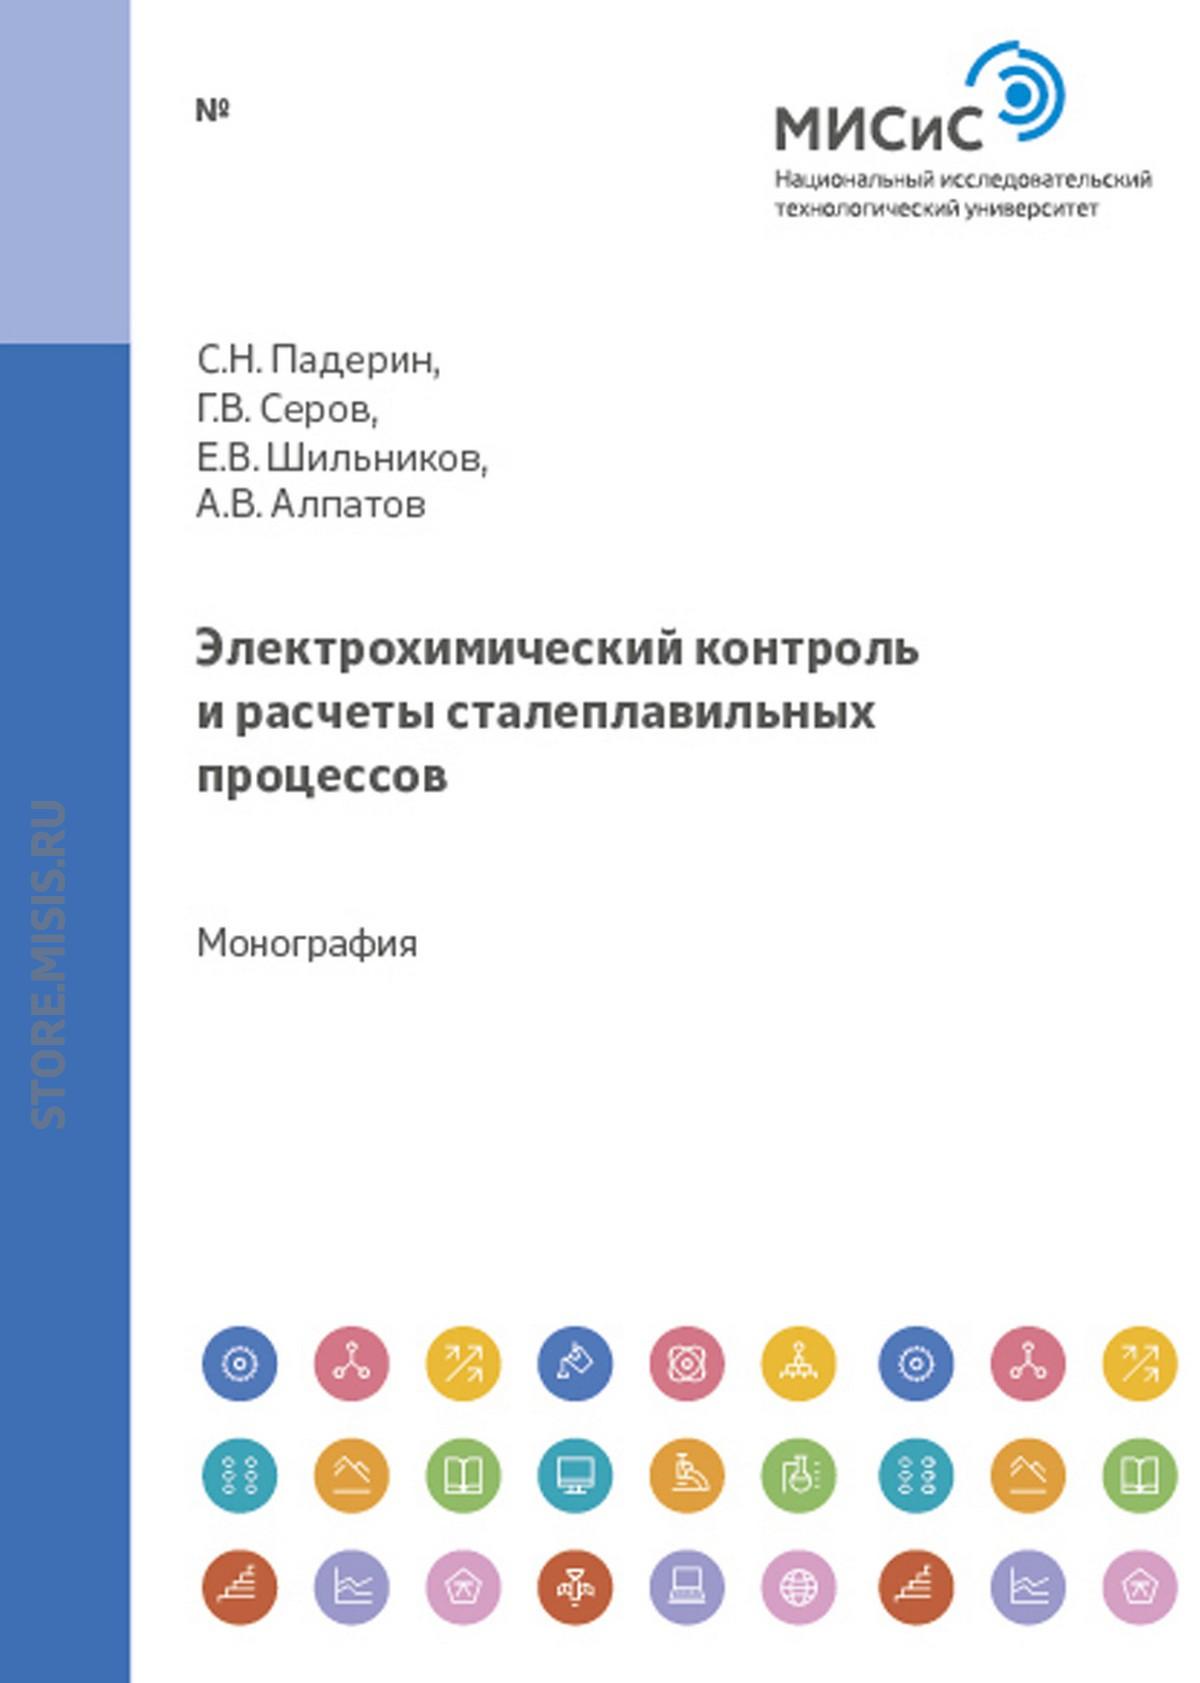 Сергей Падерин Электрохимический контроль и расчеты сталеплавильных процессов